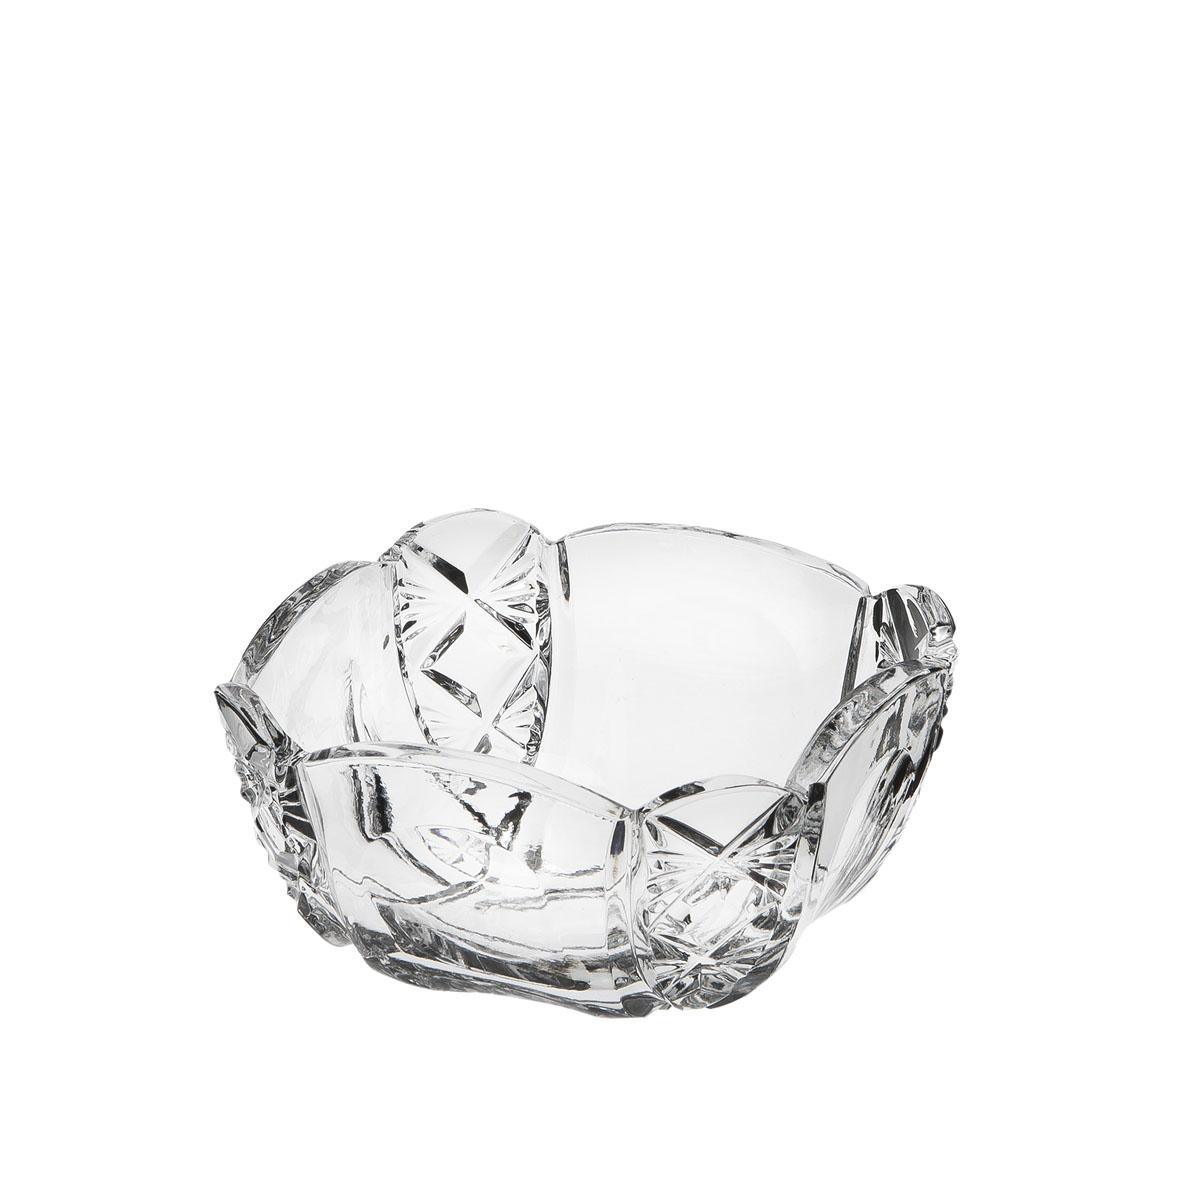 Ваза для сервировки стола Дятьковский хрусталь Деликатесная, малая. С630/5С630/5Ваза для сервировки из прозрачного хрусталя будет красиво и элегантно смотрится на столе и в качестве салатника, конфетницы или вазочки для печенья. Сверкающий хрусталь фирменного качества, тонкой огранки, с изумительным звучанием и завораживающими переливами света в гранях – одно из главных украшений праздничного застолья или официального приема и прекрасный подарок!